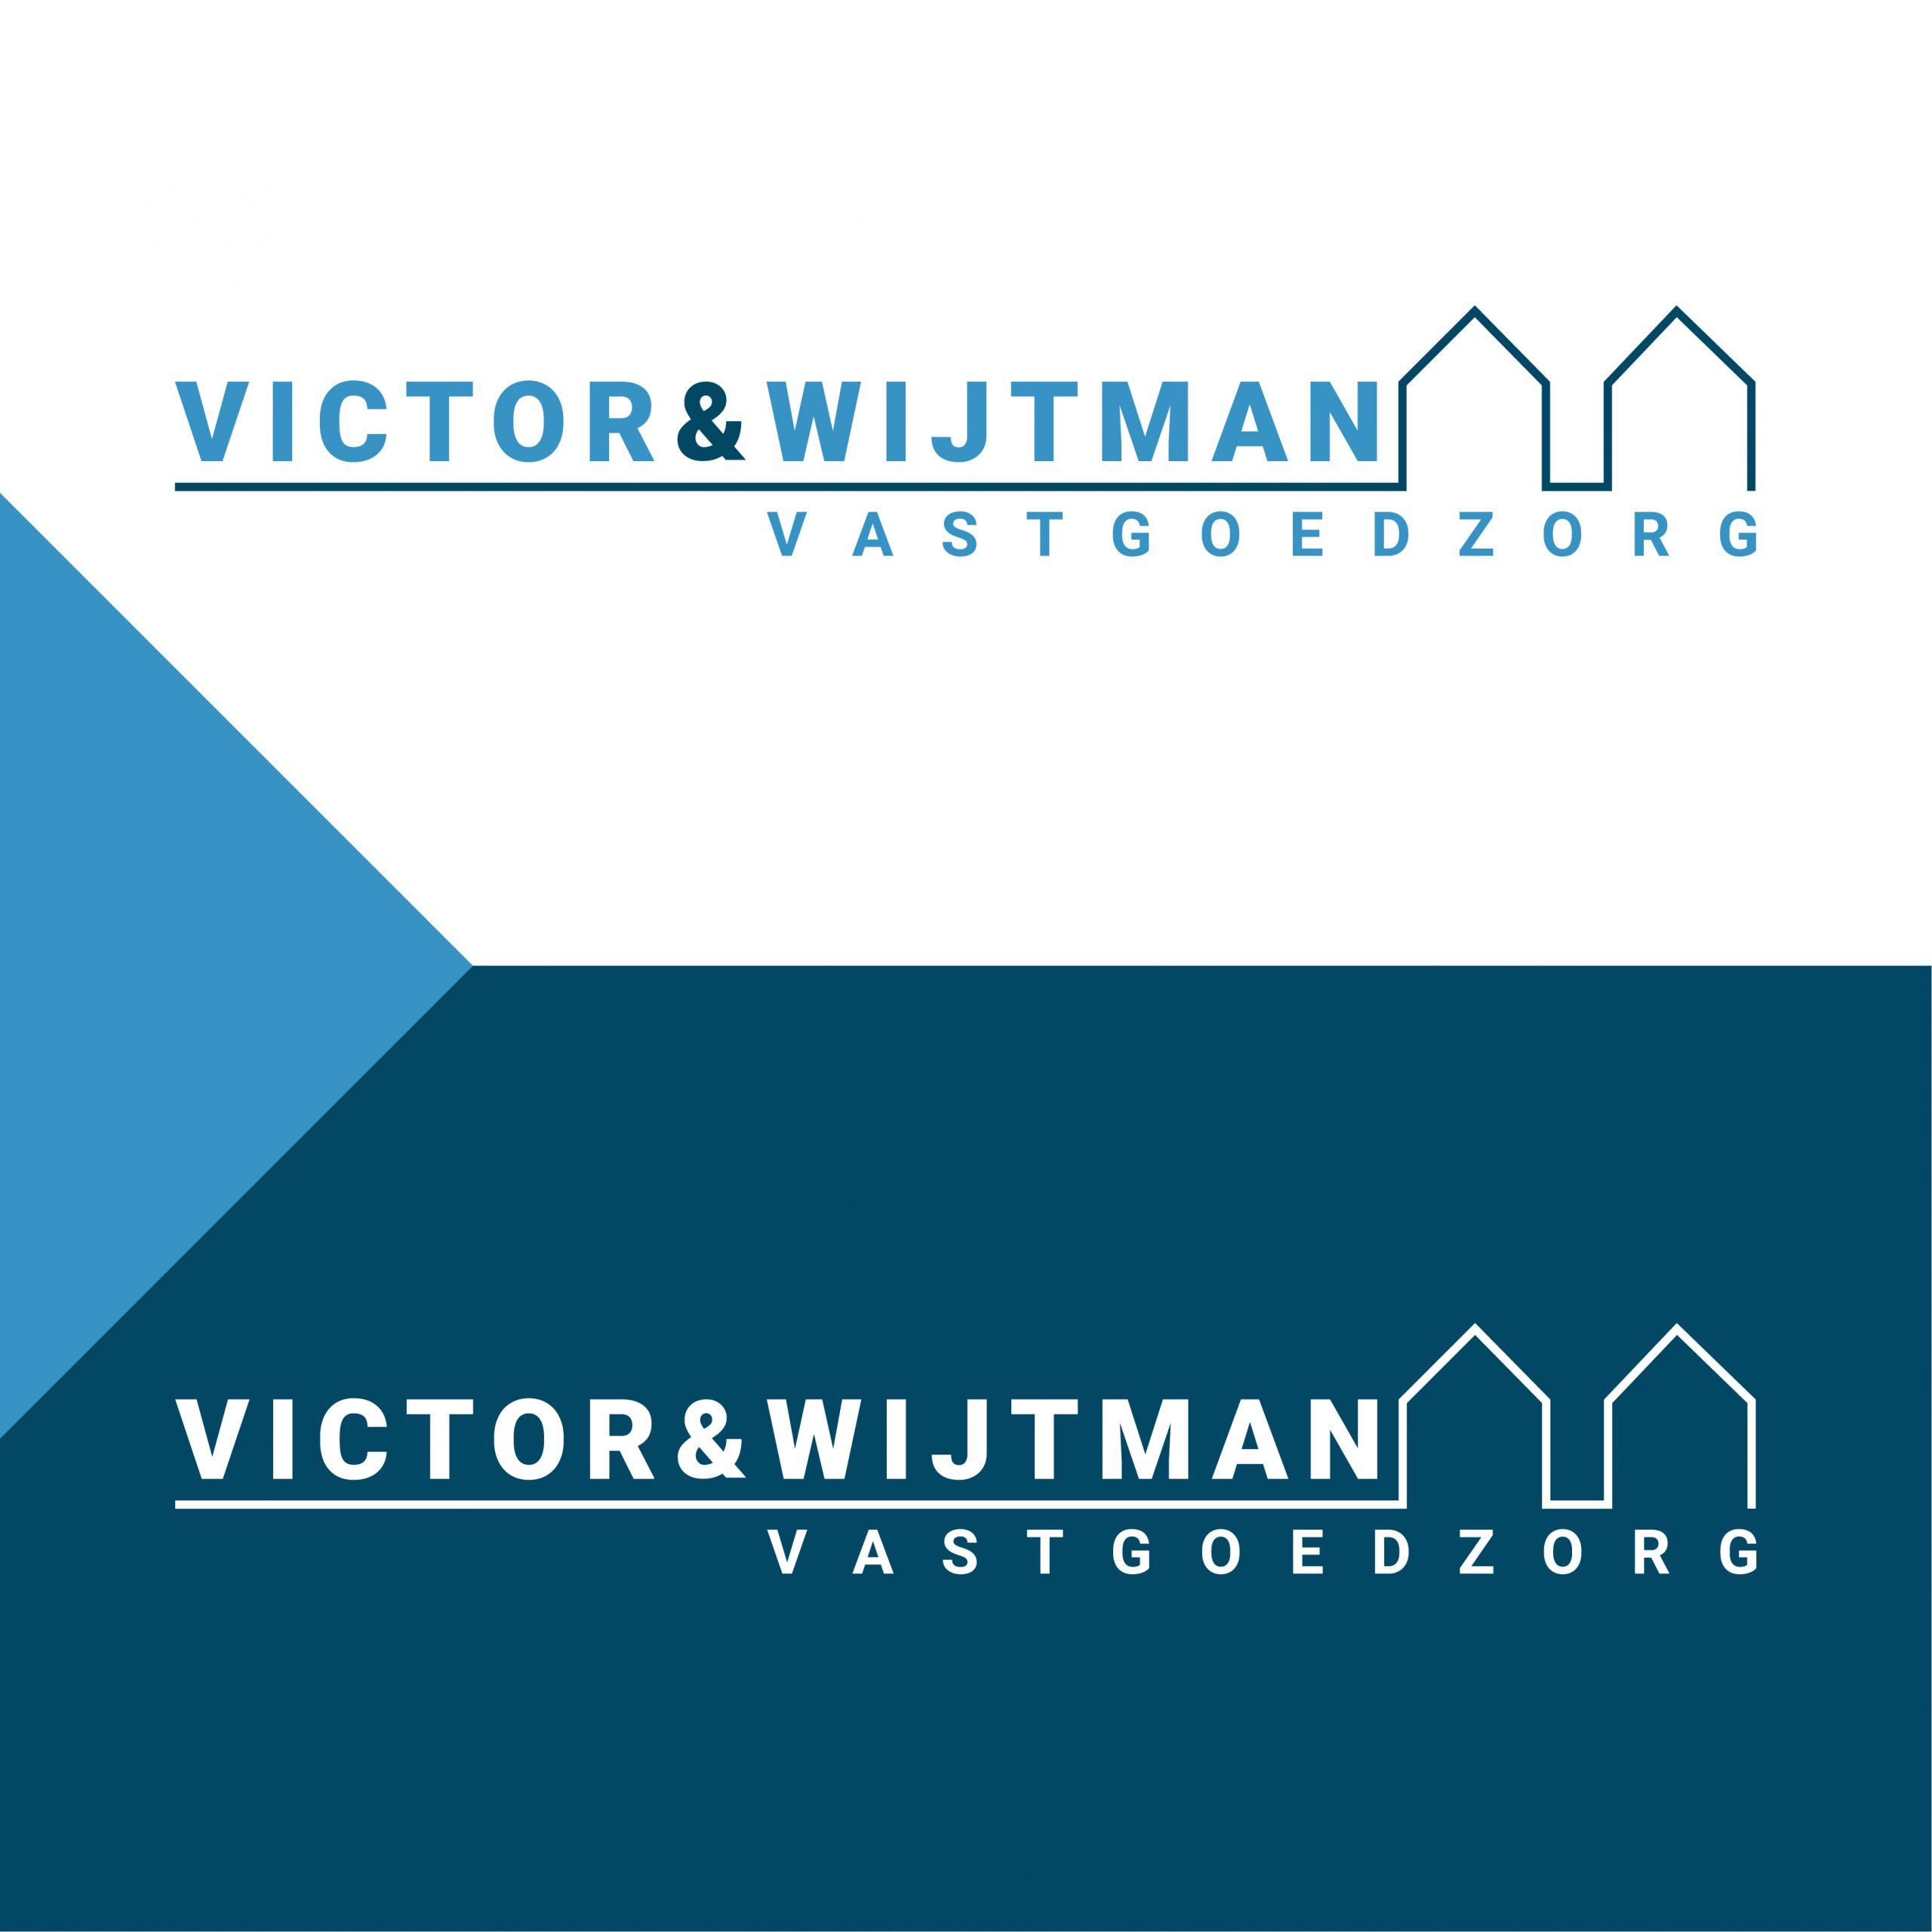 Logo Victor en Wijtman vastgoedzorg